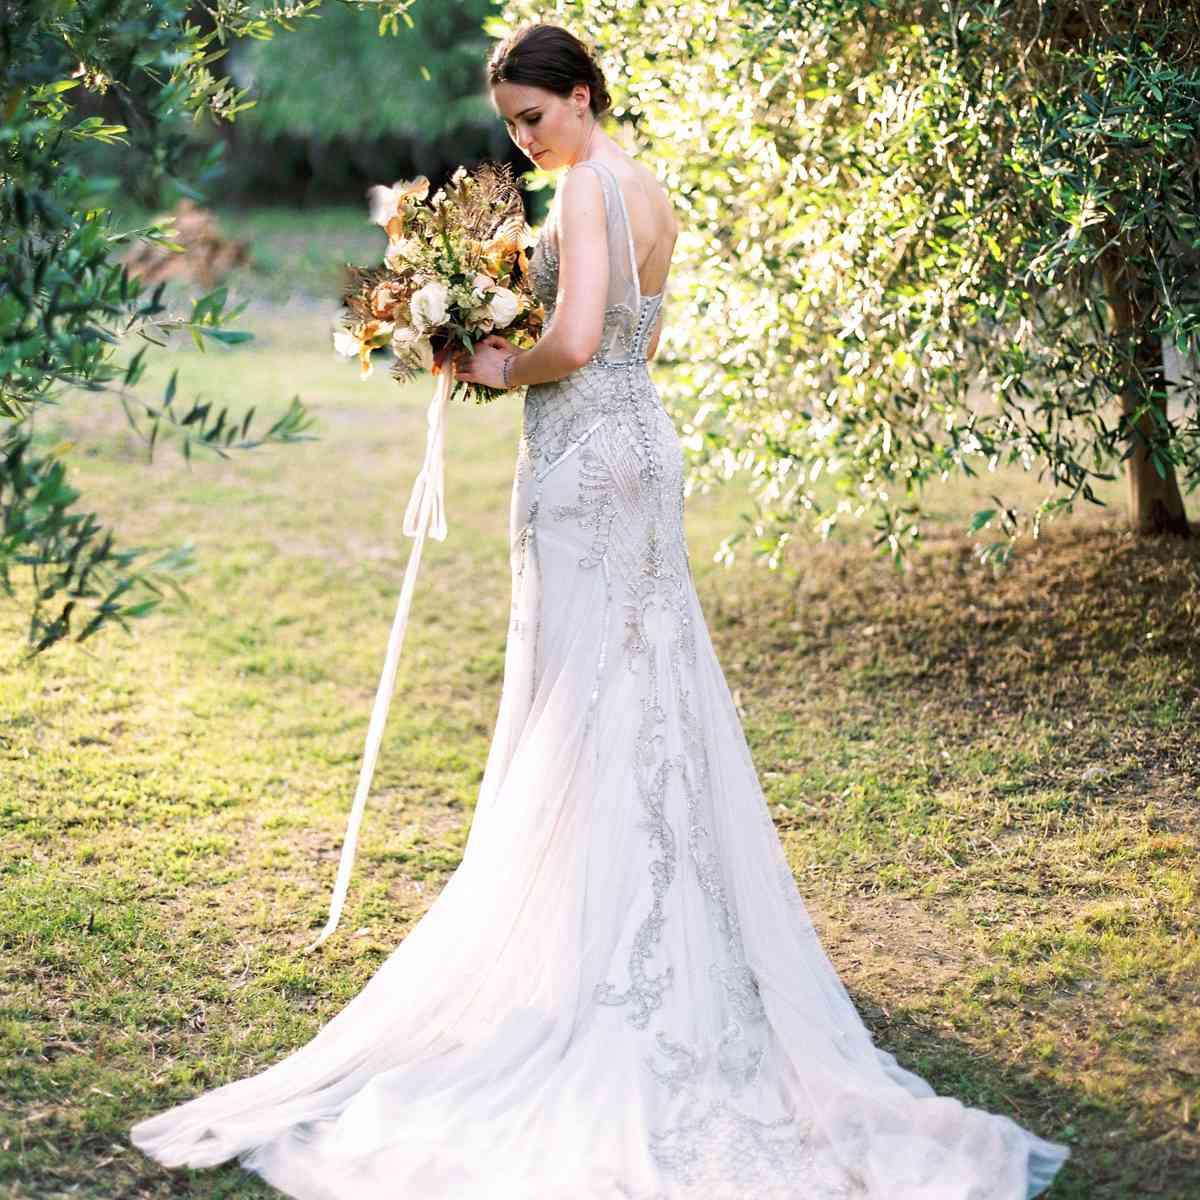 brides in dress